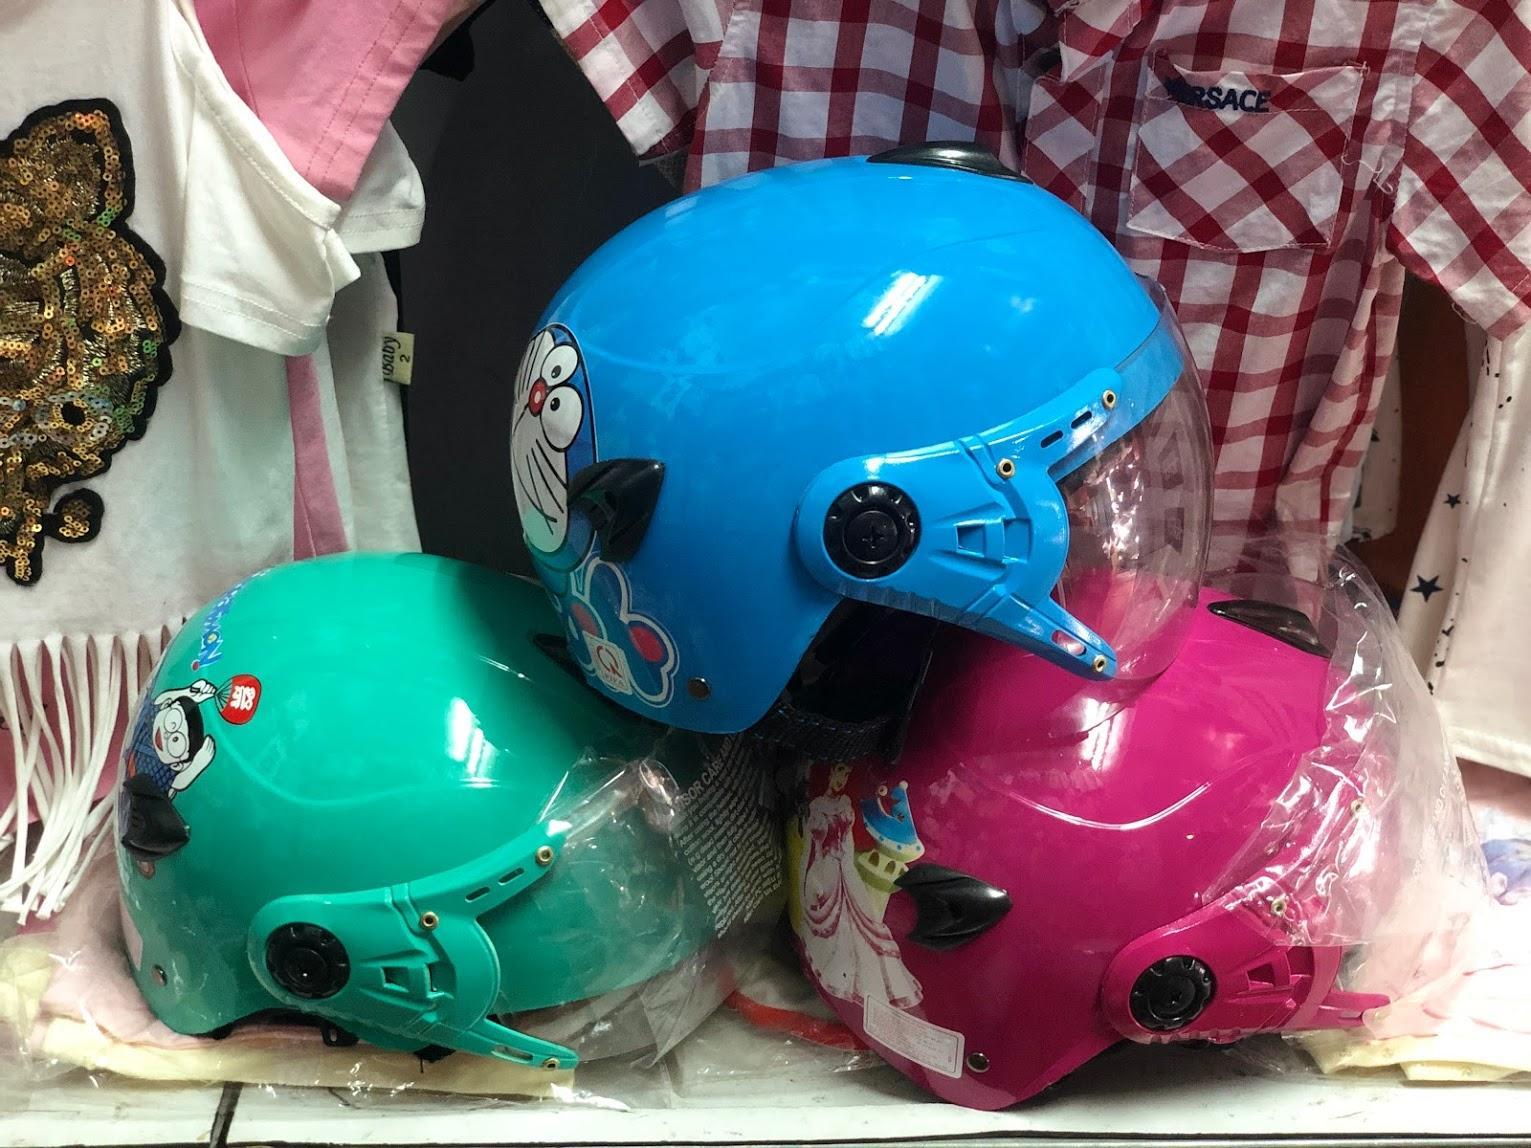 Giá bán Mũ Bảo hiểm trẻ em cho bé trai và bé gái (nhiều màu ) HoanStore